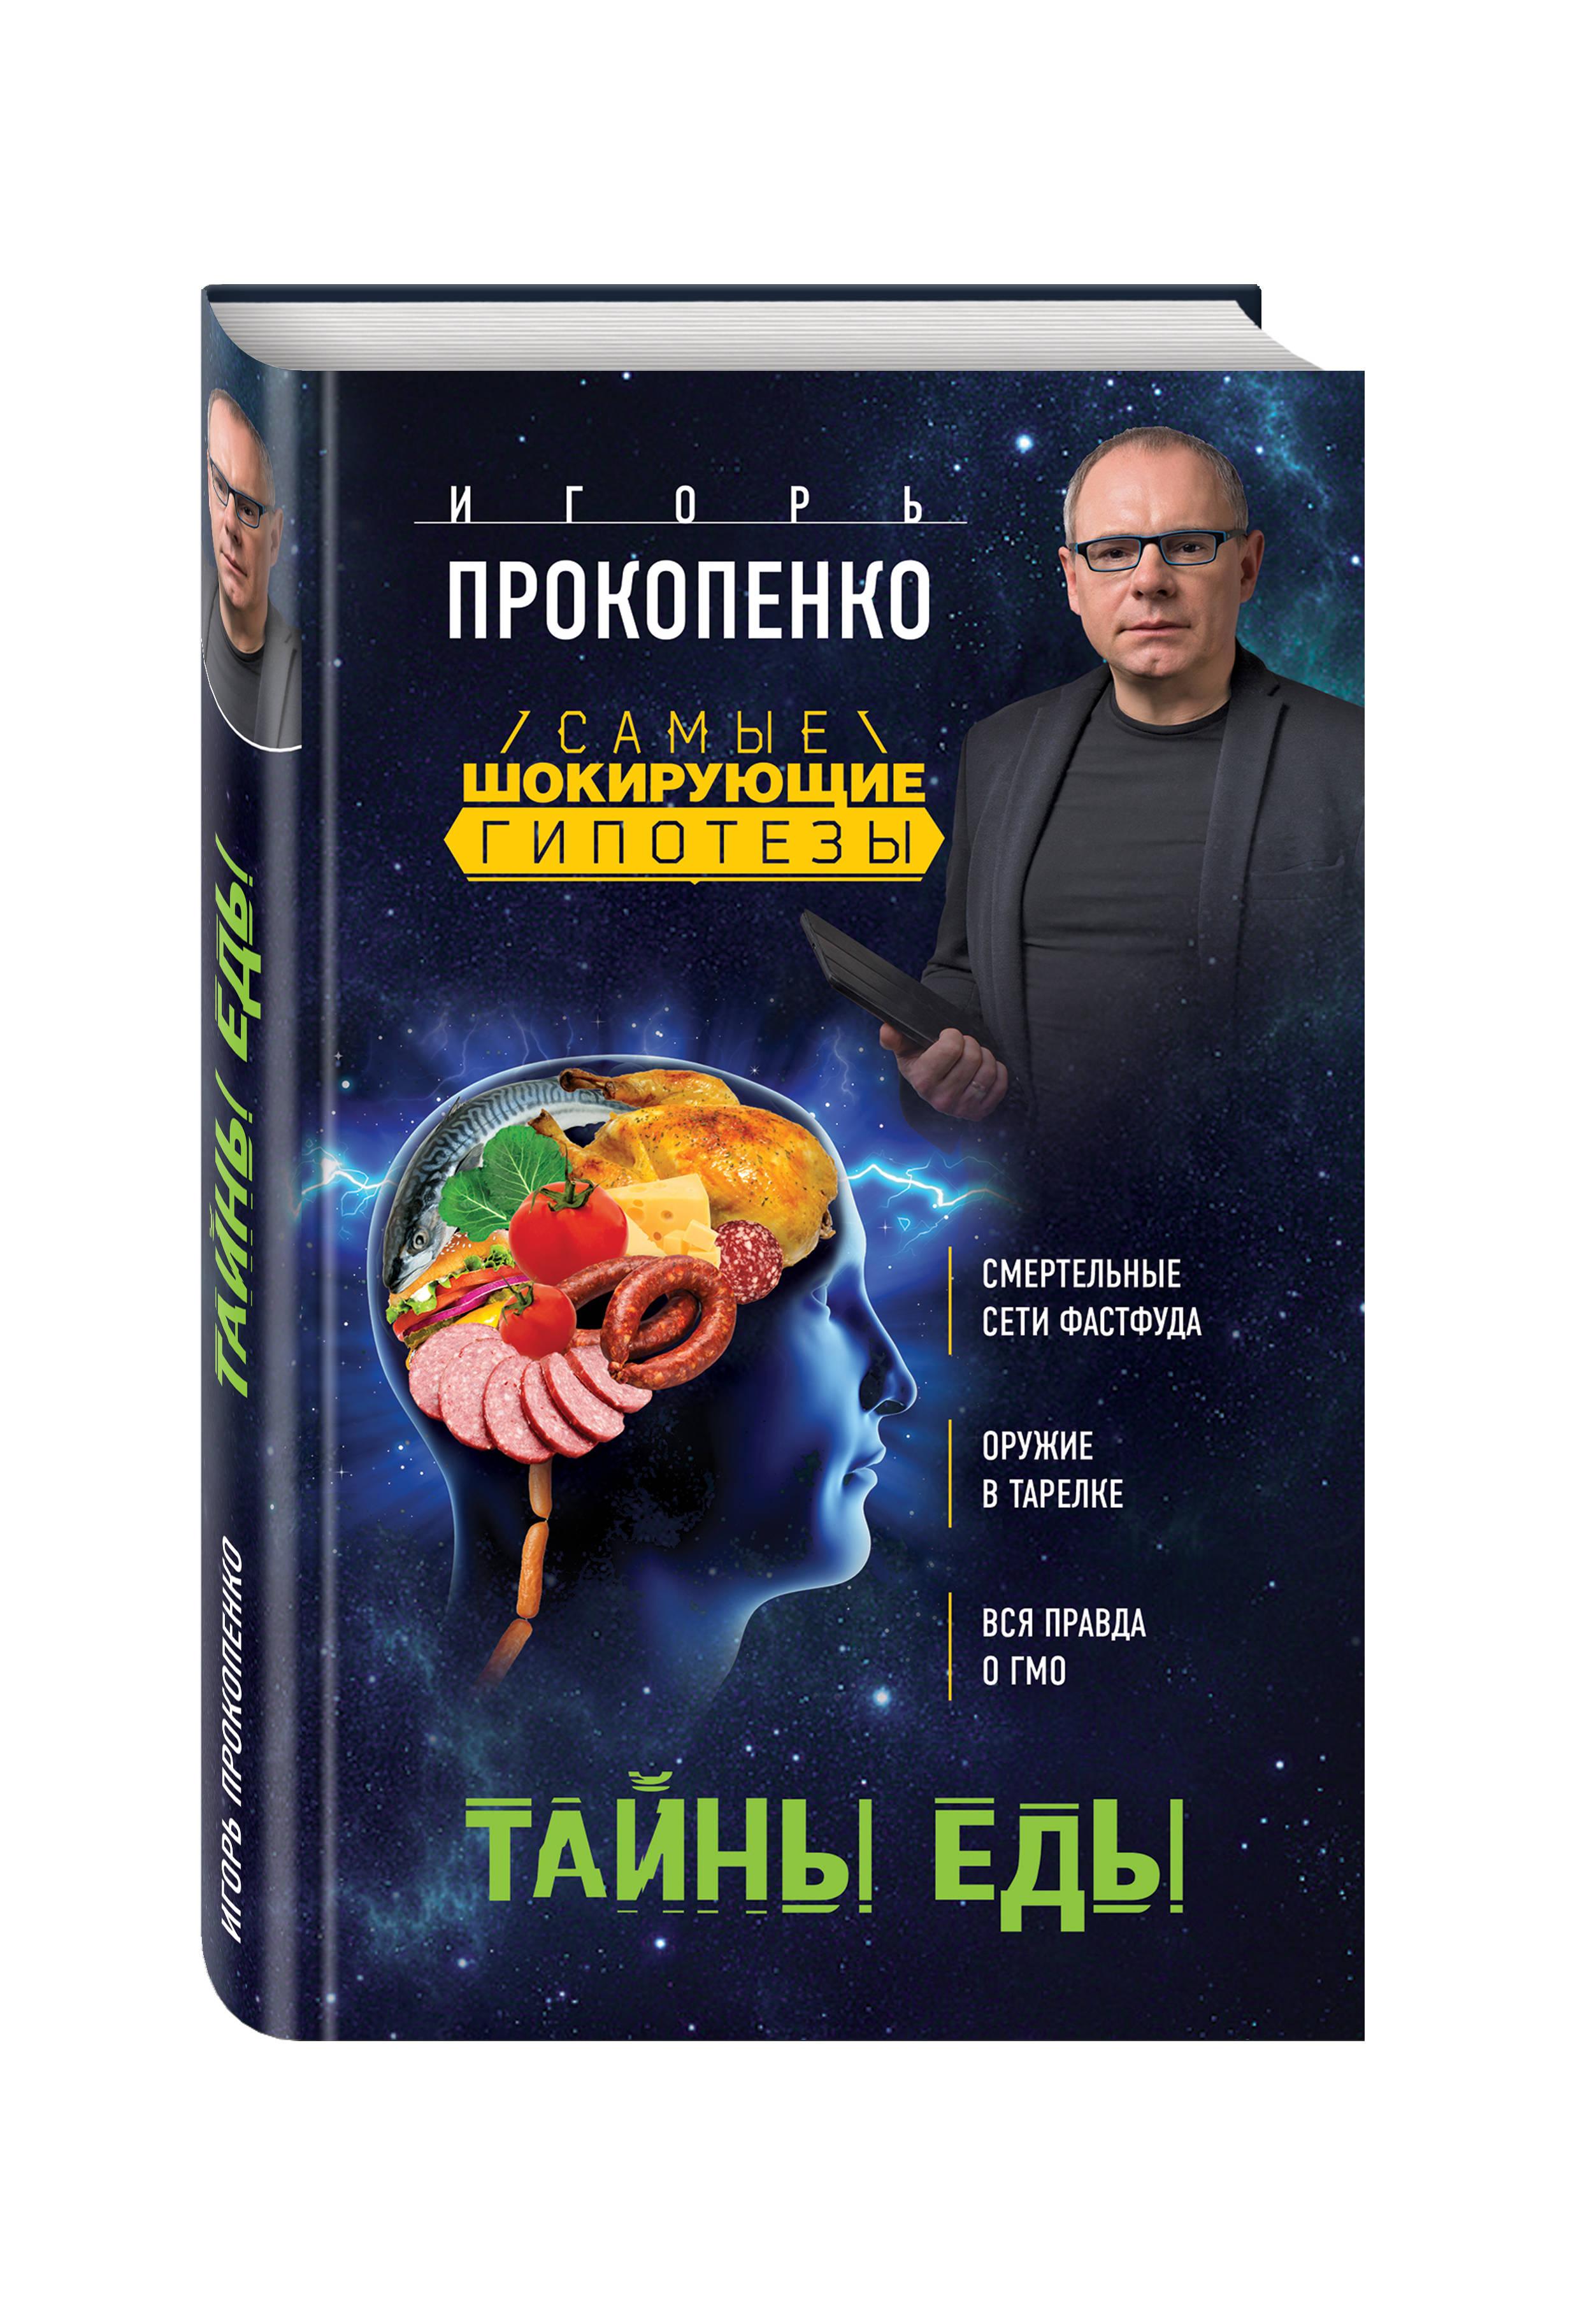 Игорь Прокопенко Тайны еды